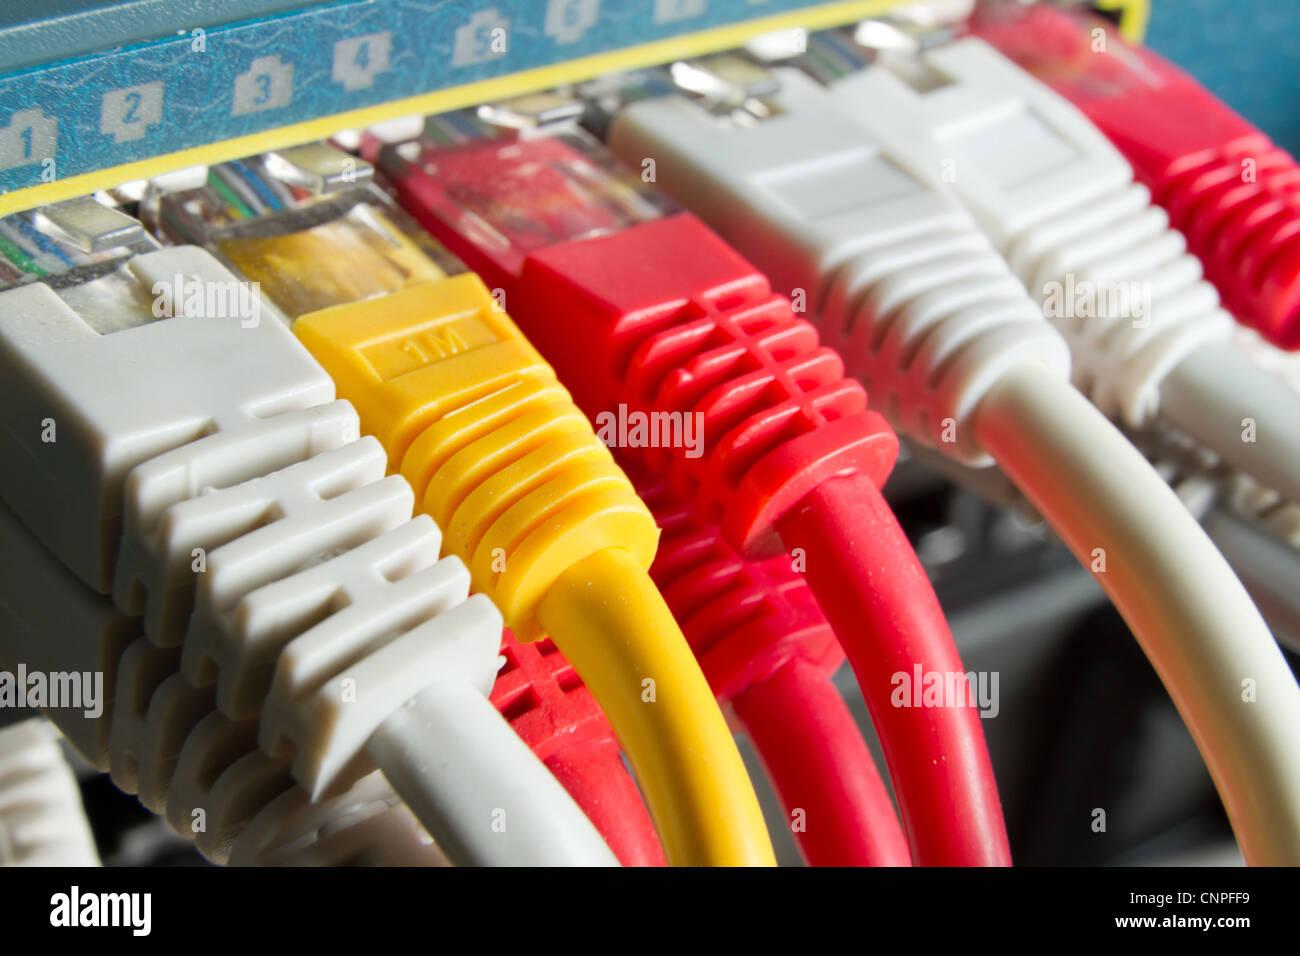 connected server stockfotos connected server bilder alamy. Black Bedroom Furniture Sets. Home Design Ideas